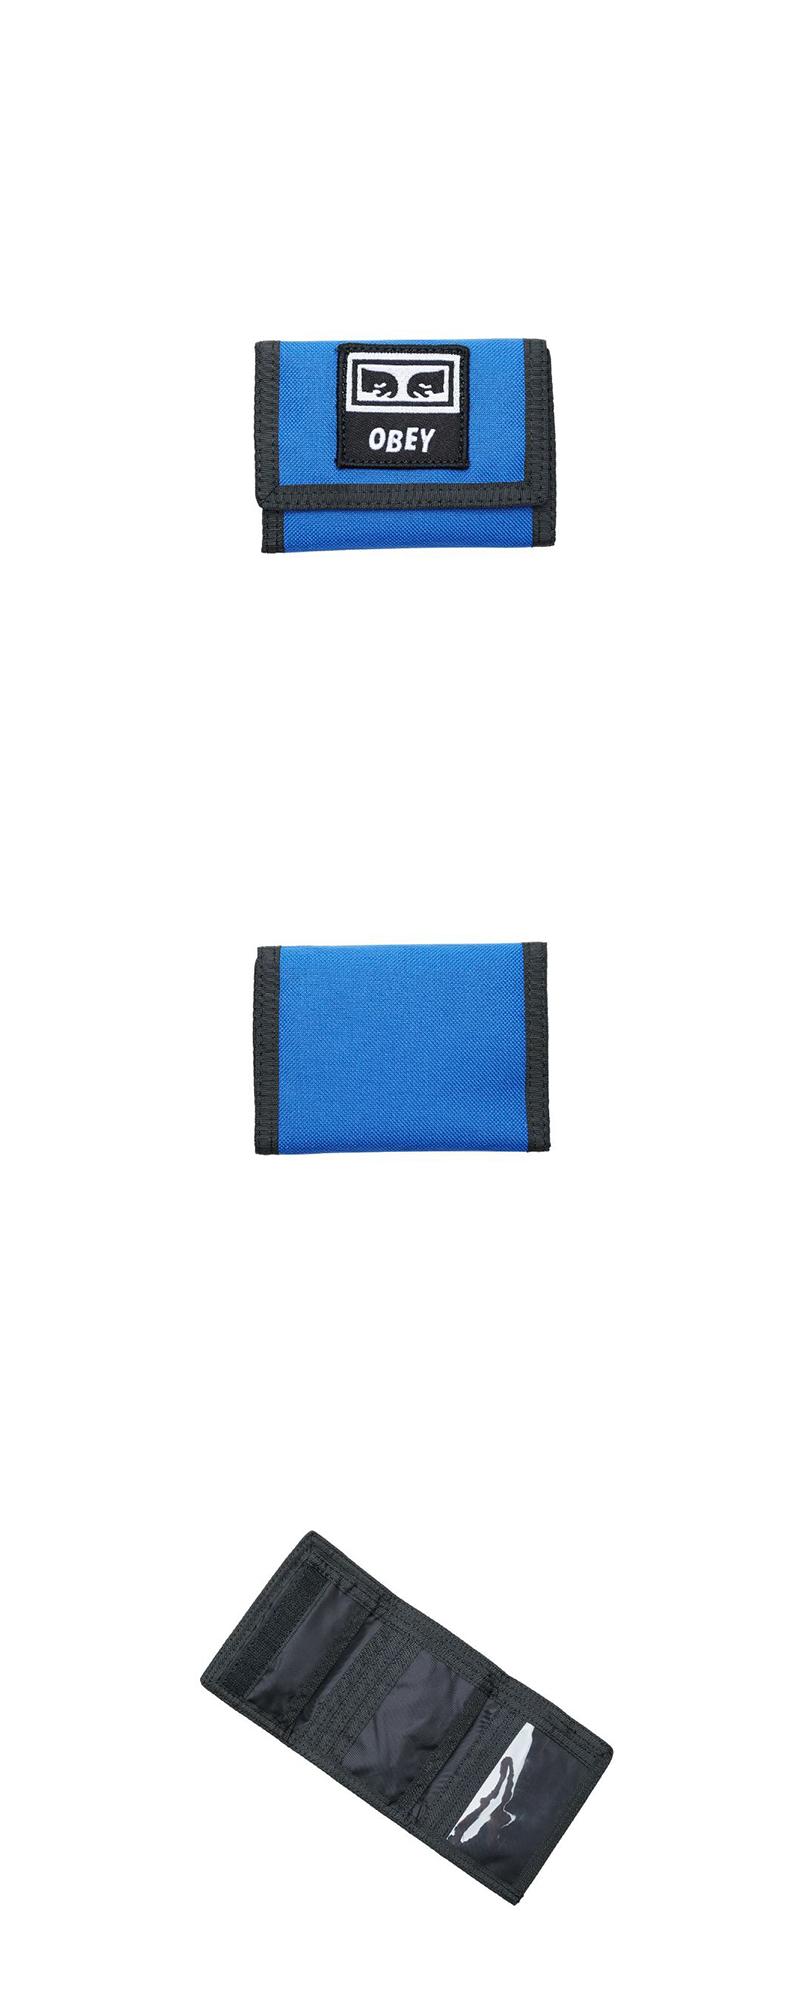 오베이 지갑 TAKEOVER TRI FOLD WALLET 100010122 BLUE